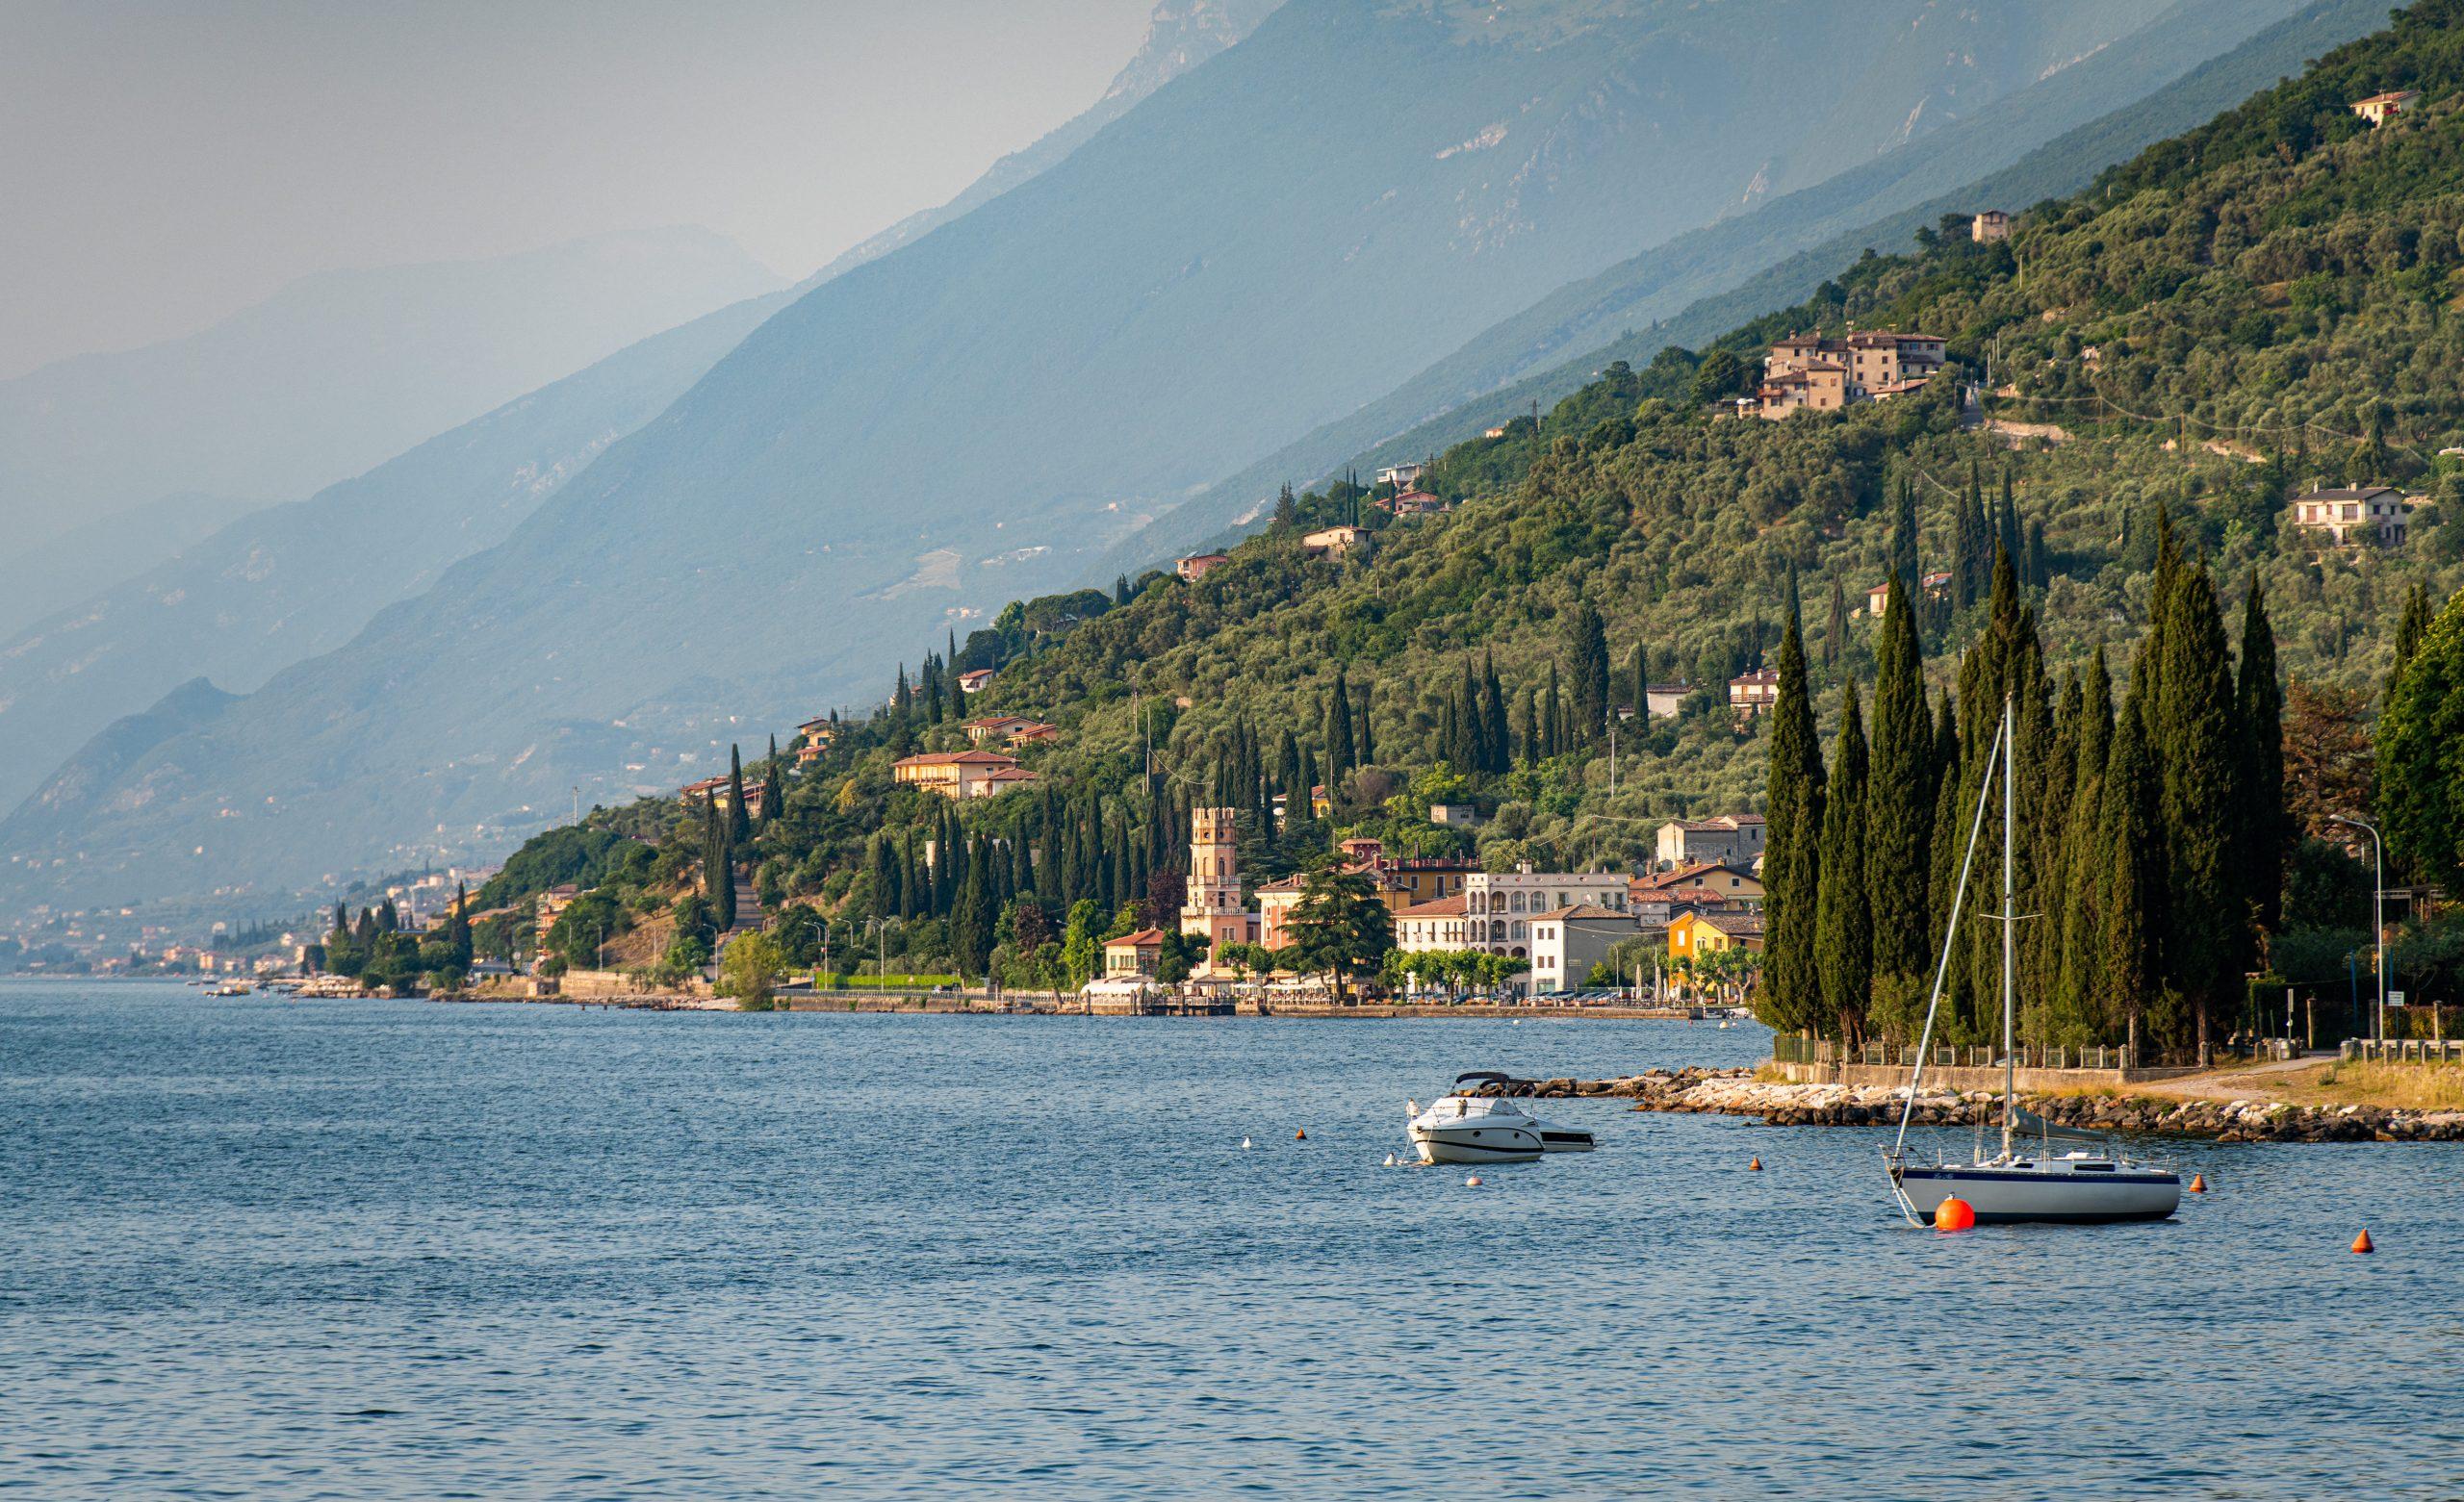 Boote liegen auf dem Gardasee, in Italien. Im Hintergrund ist der Turm von Pai (La Torre di Pai) zu sehen.